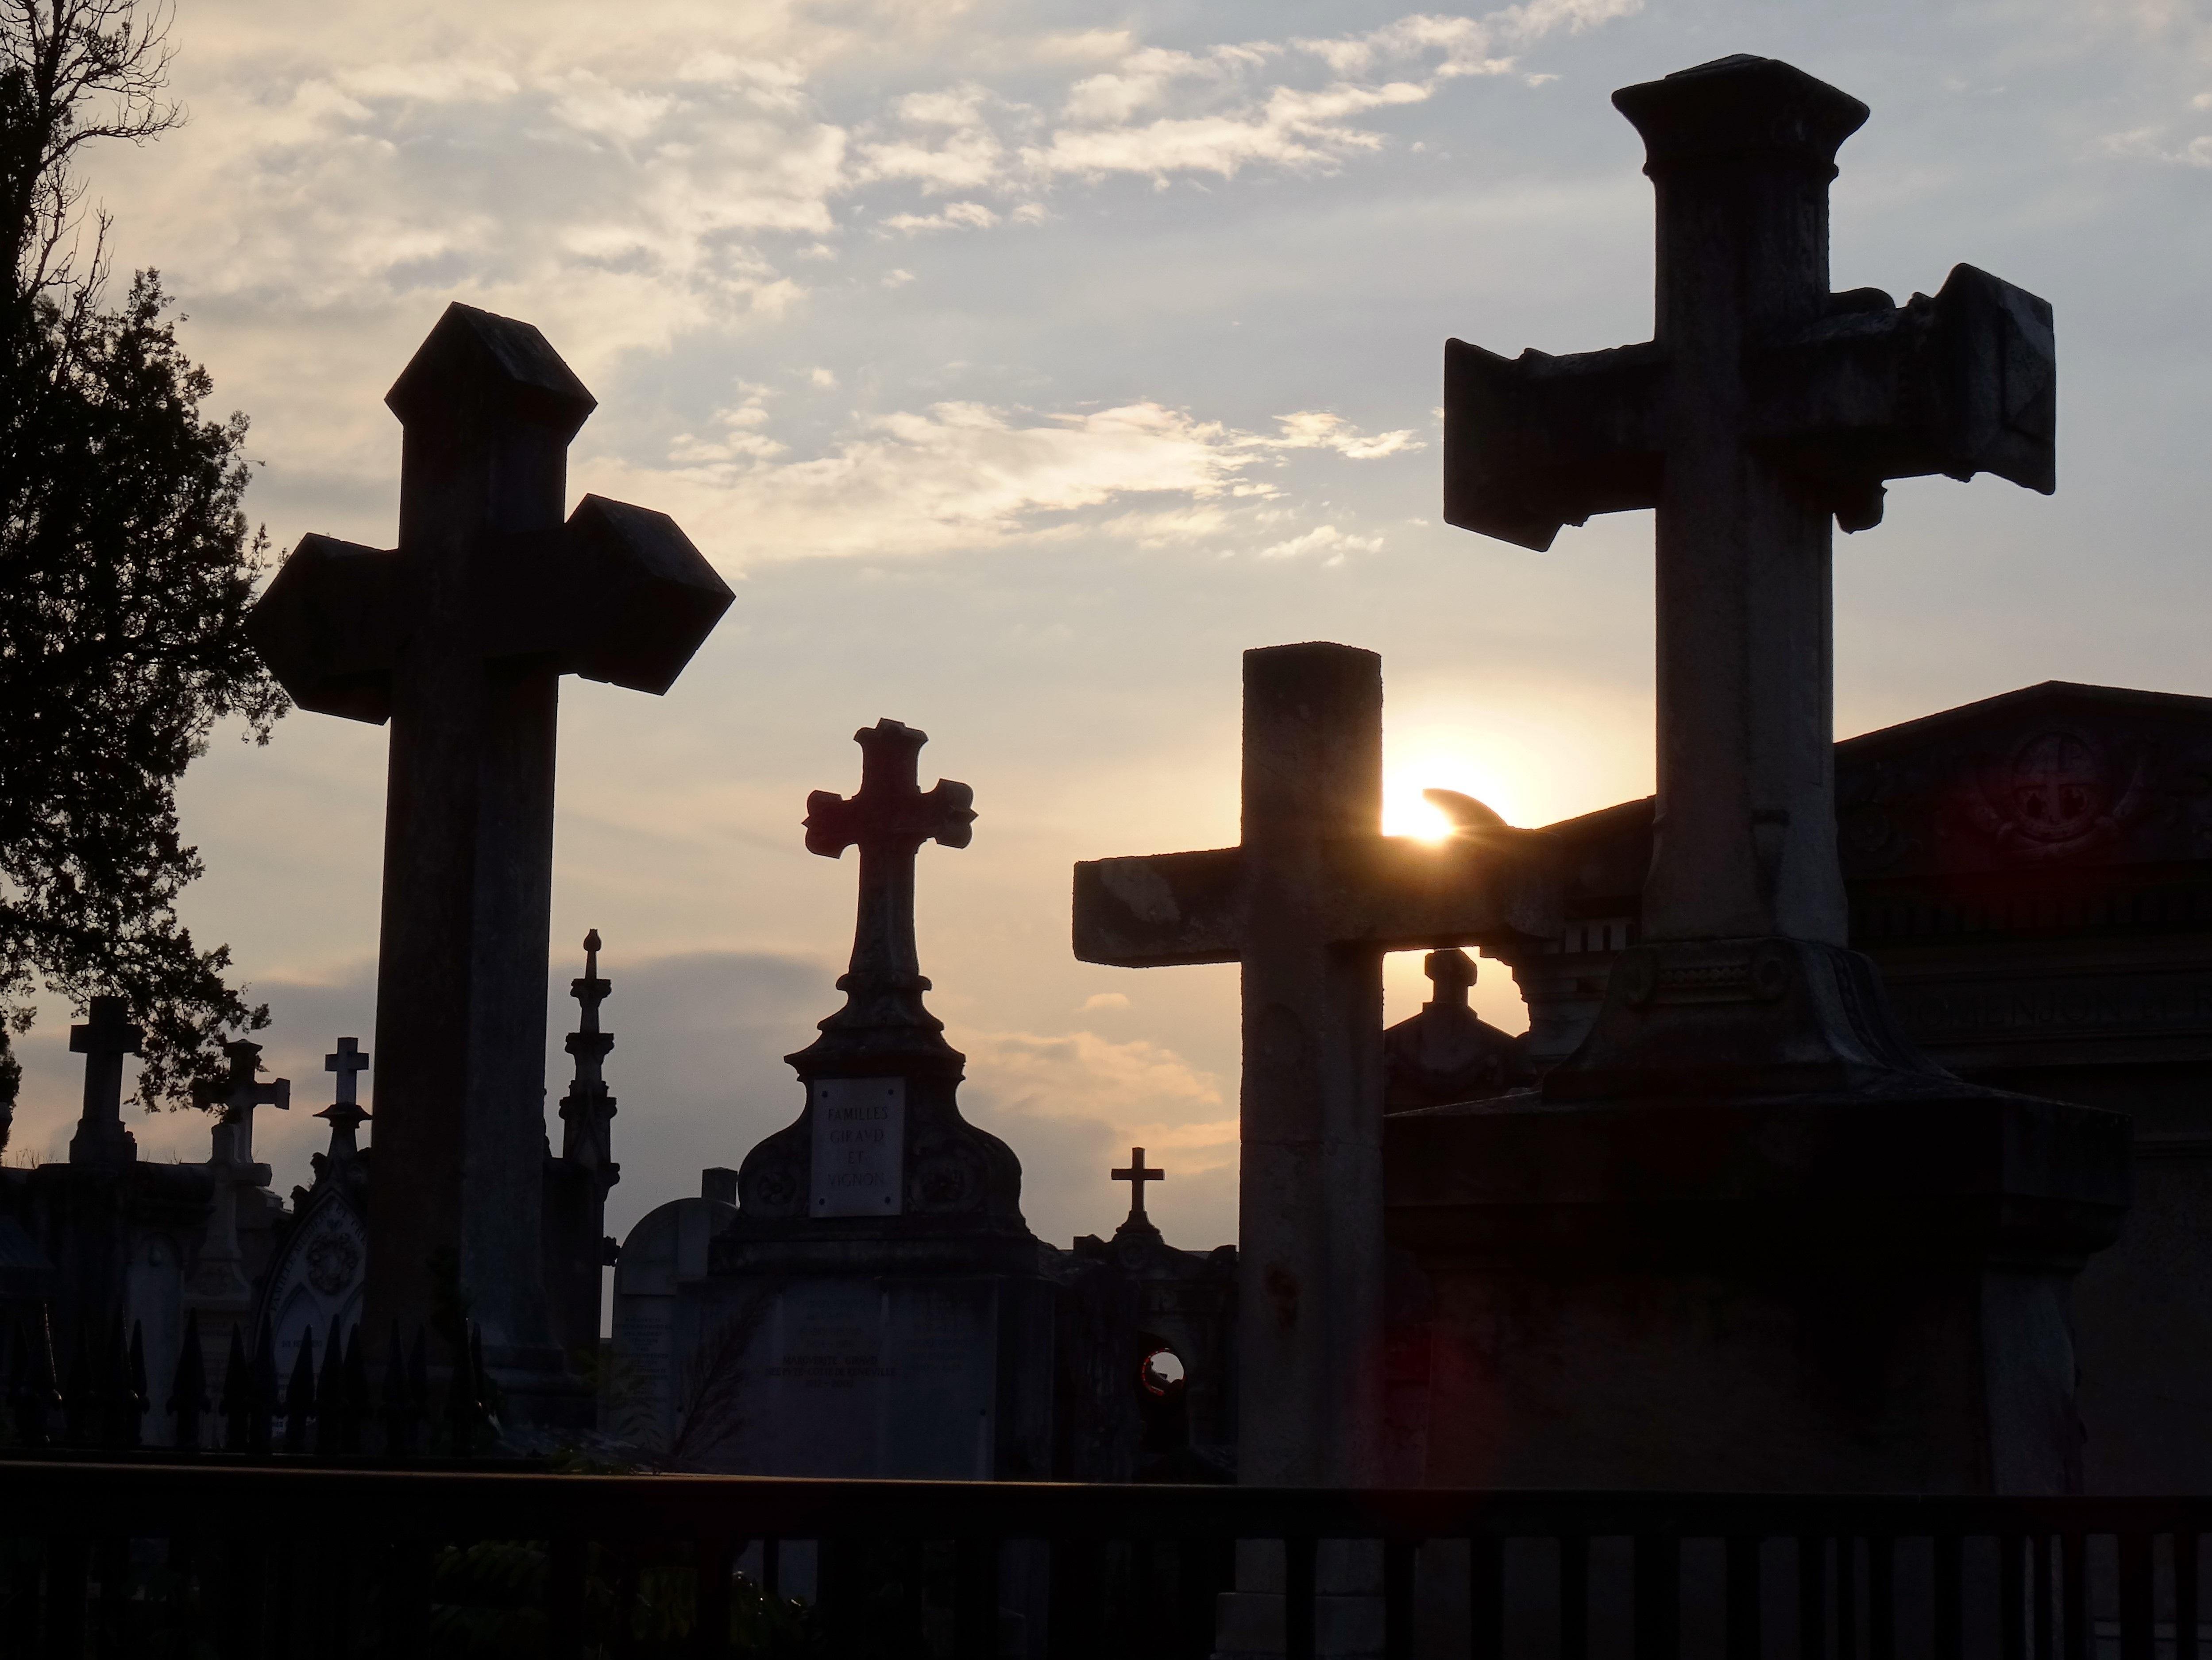 тротуаров поутру зачем наверху делают черные кресты фото хочется увидеть рукопись